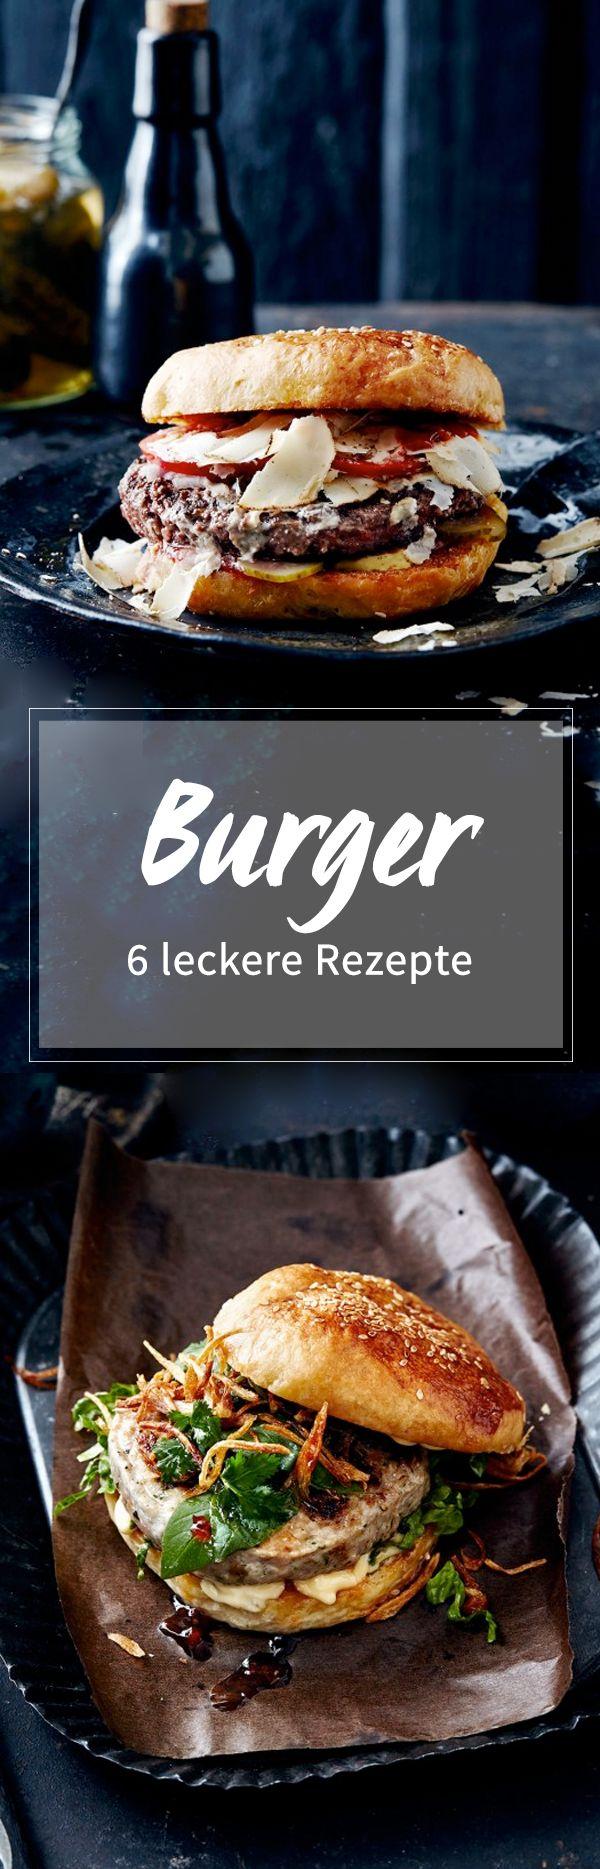 Beef-, Lachs- oder Portobello-Burger: Hier finden Sie 6 köstliche Rezepte!